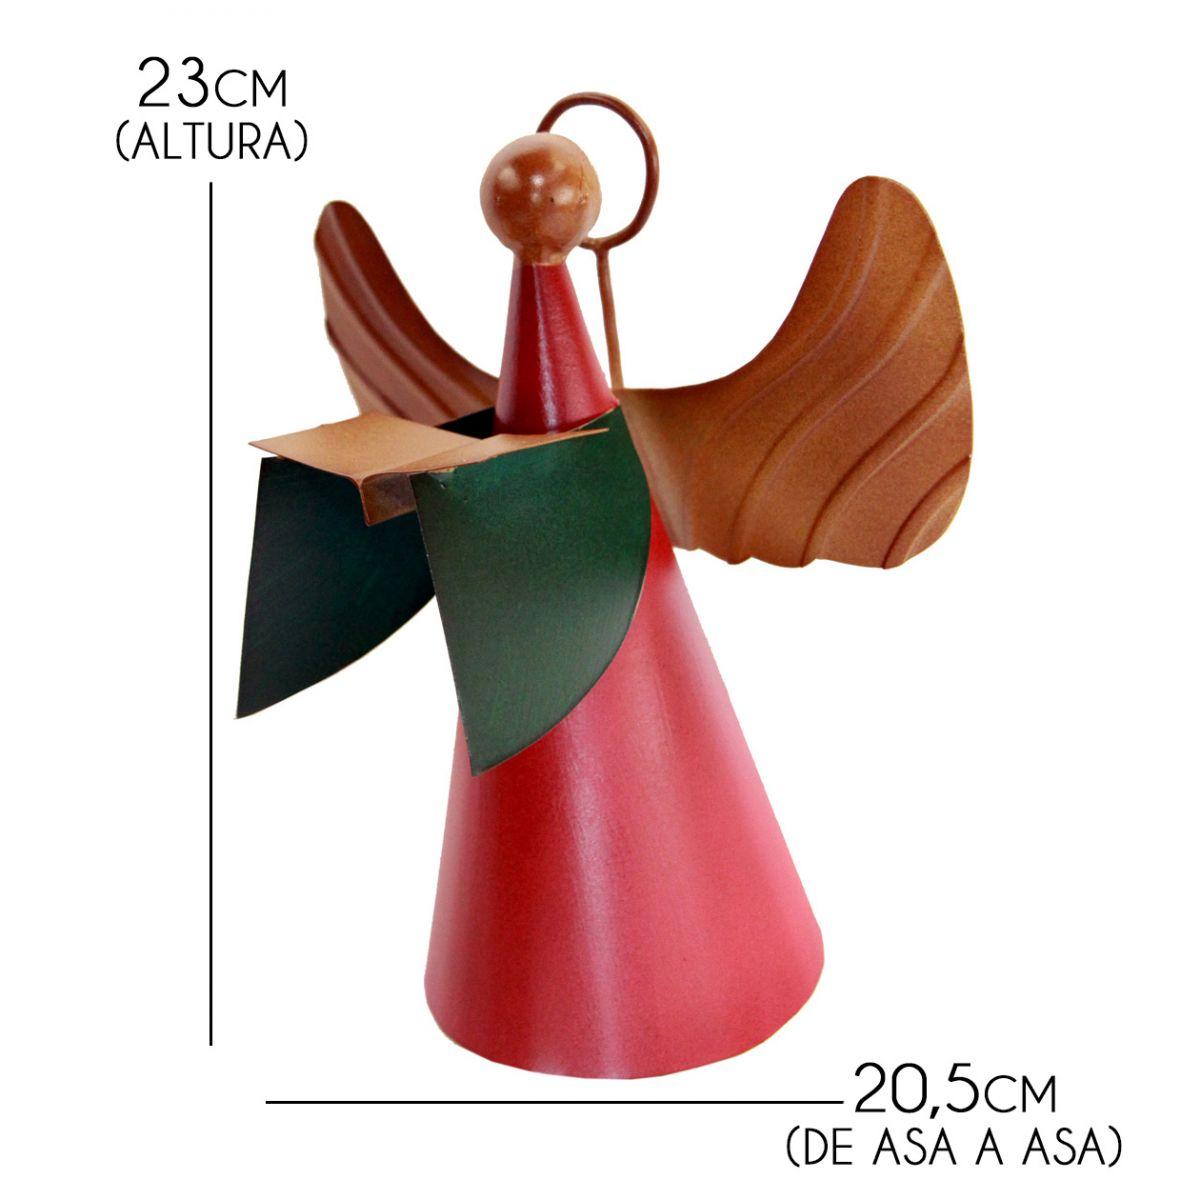 Anjo Decoração de Natal Artesanal de Ferro Rustico Enfeite de Mesa